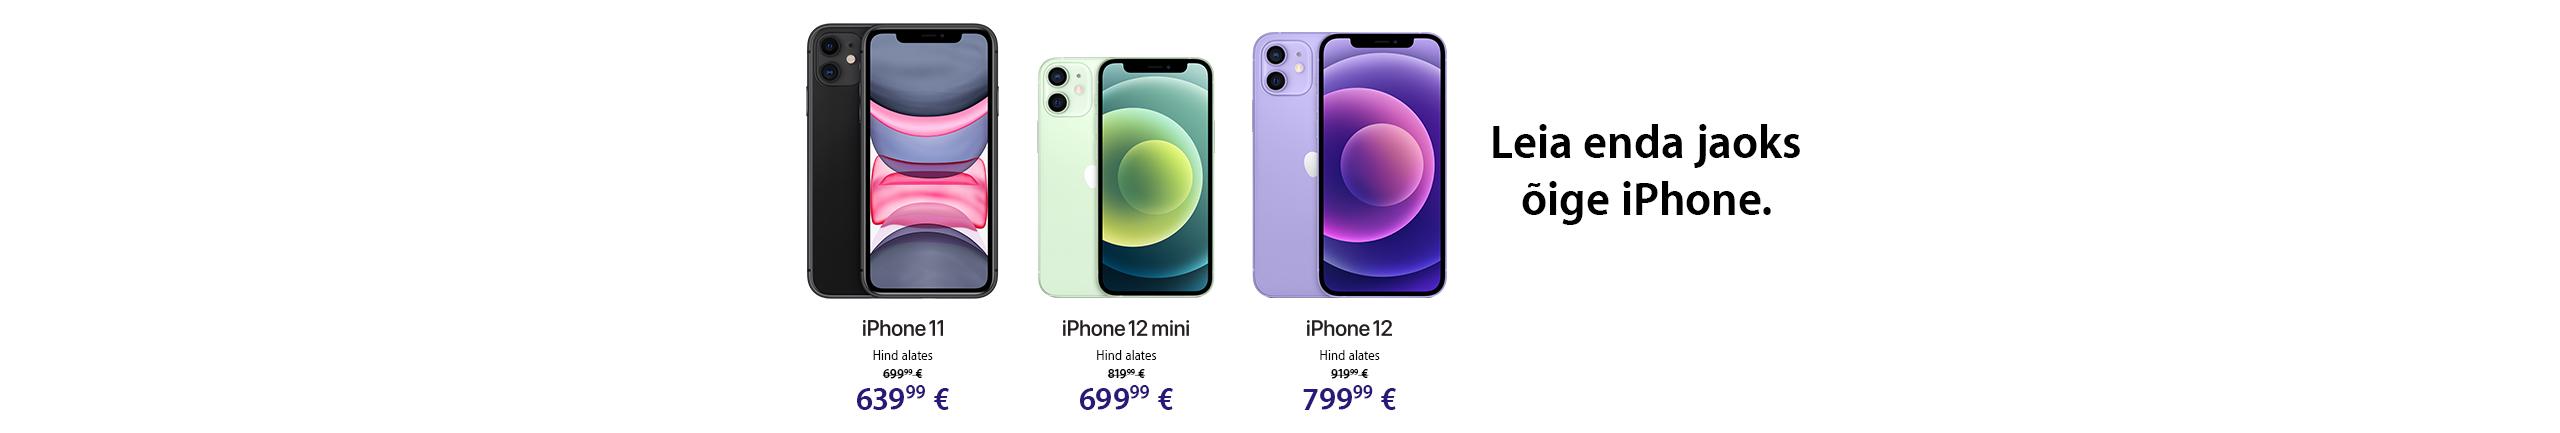 NPL Apple iPhone 11, iPhone 12 ja iPhone 12 mini eripakkumine